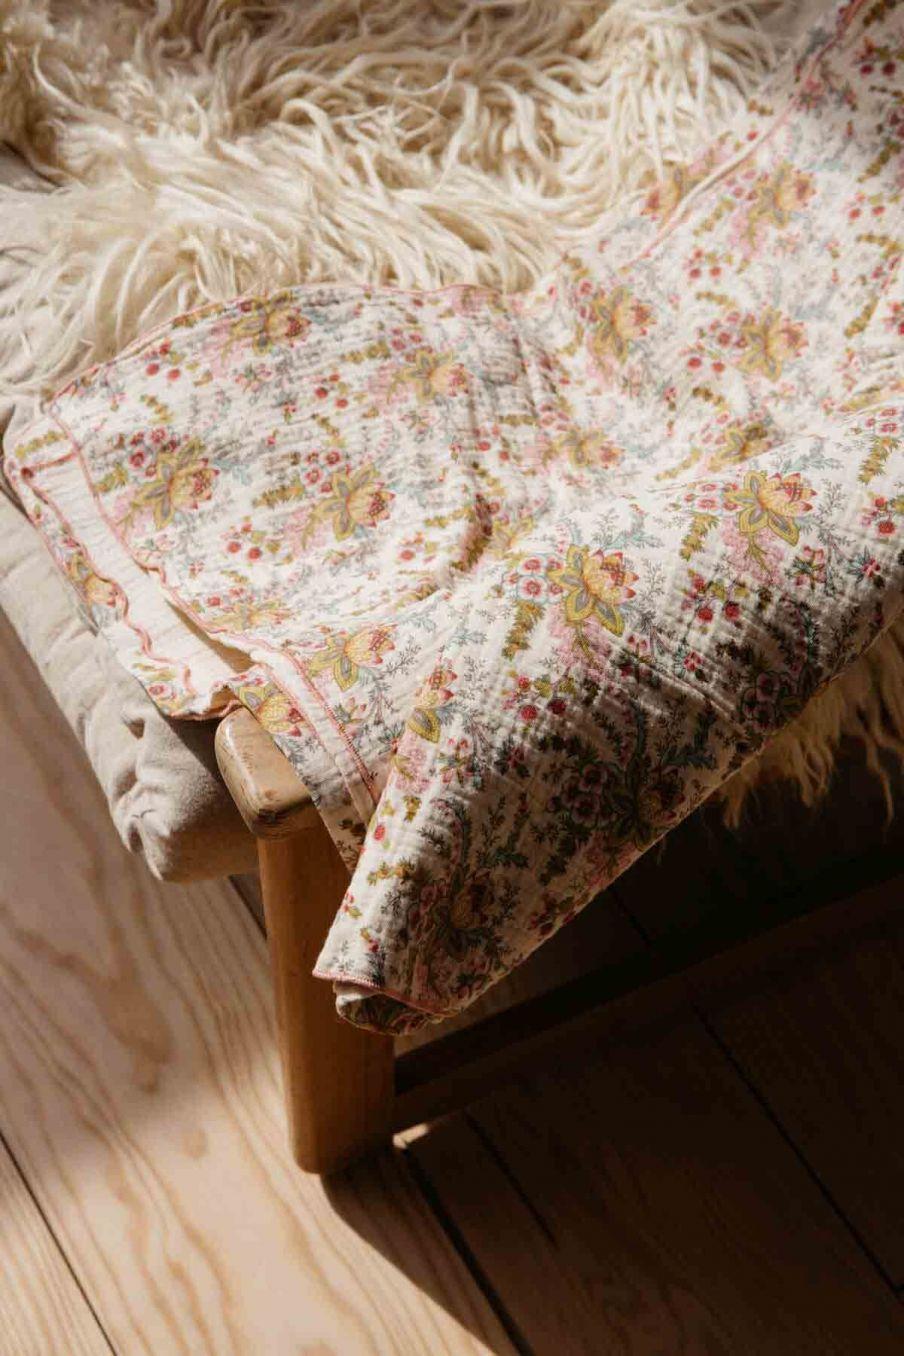 couverture bébé bebe fille nagel cream french flowers - louise misha